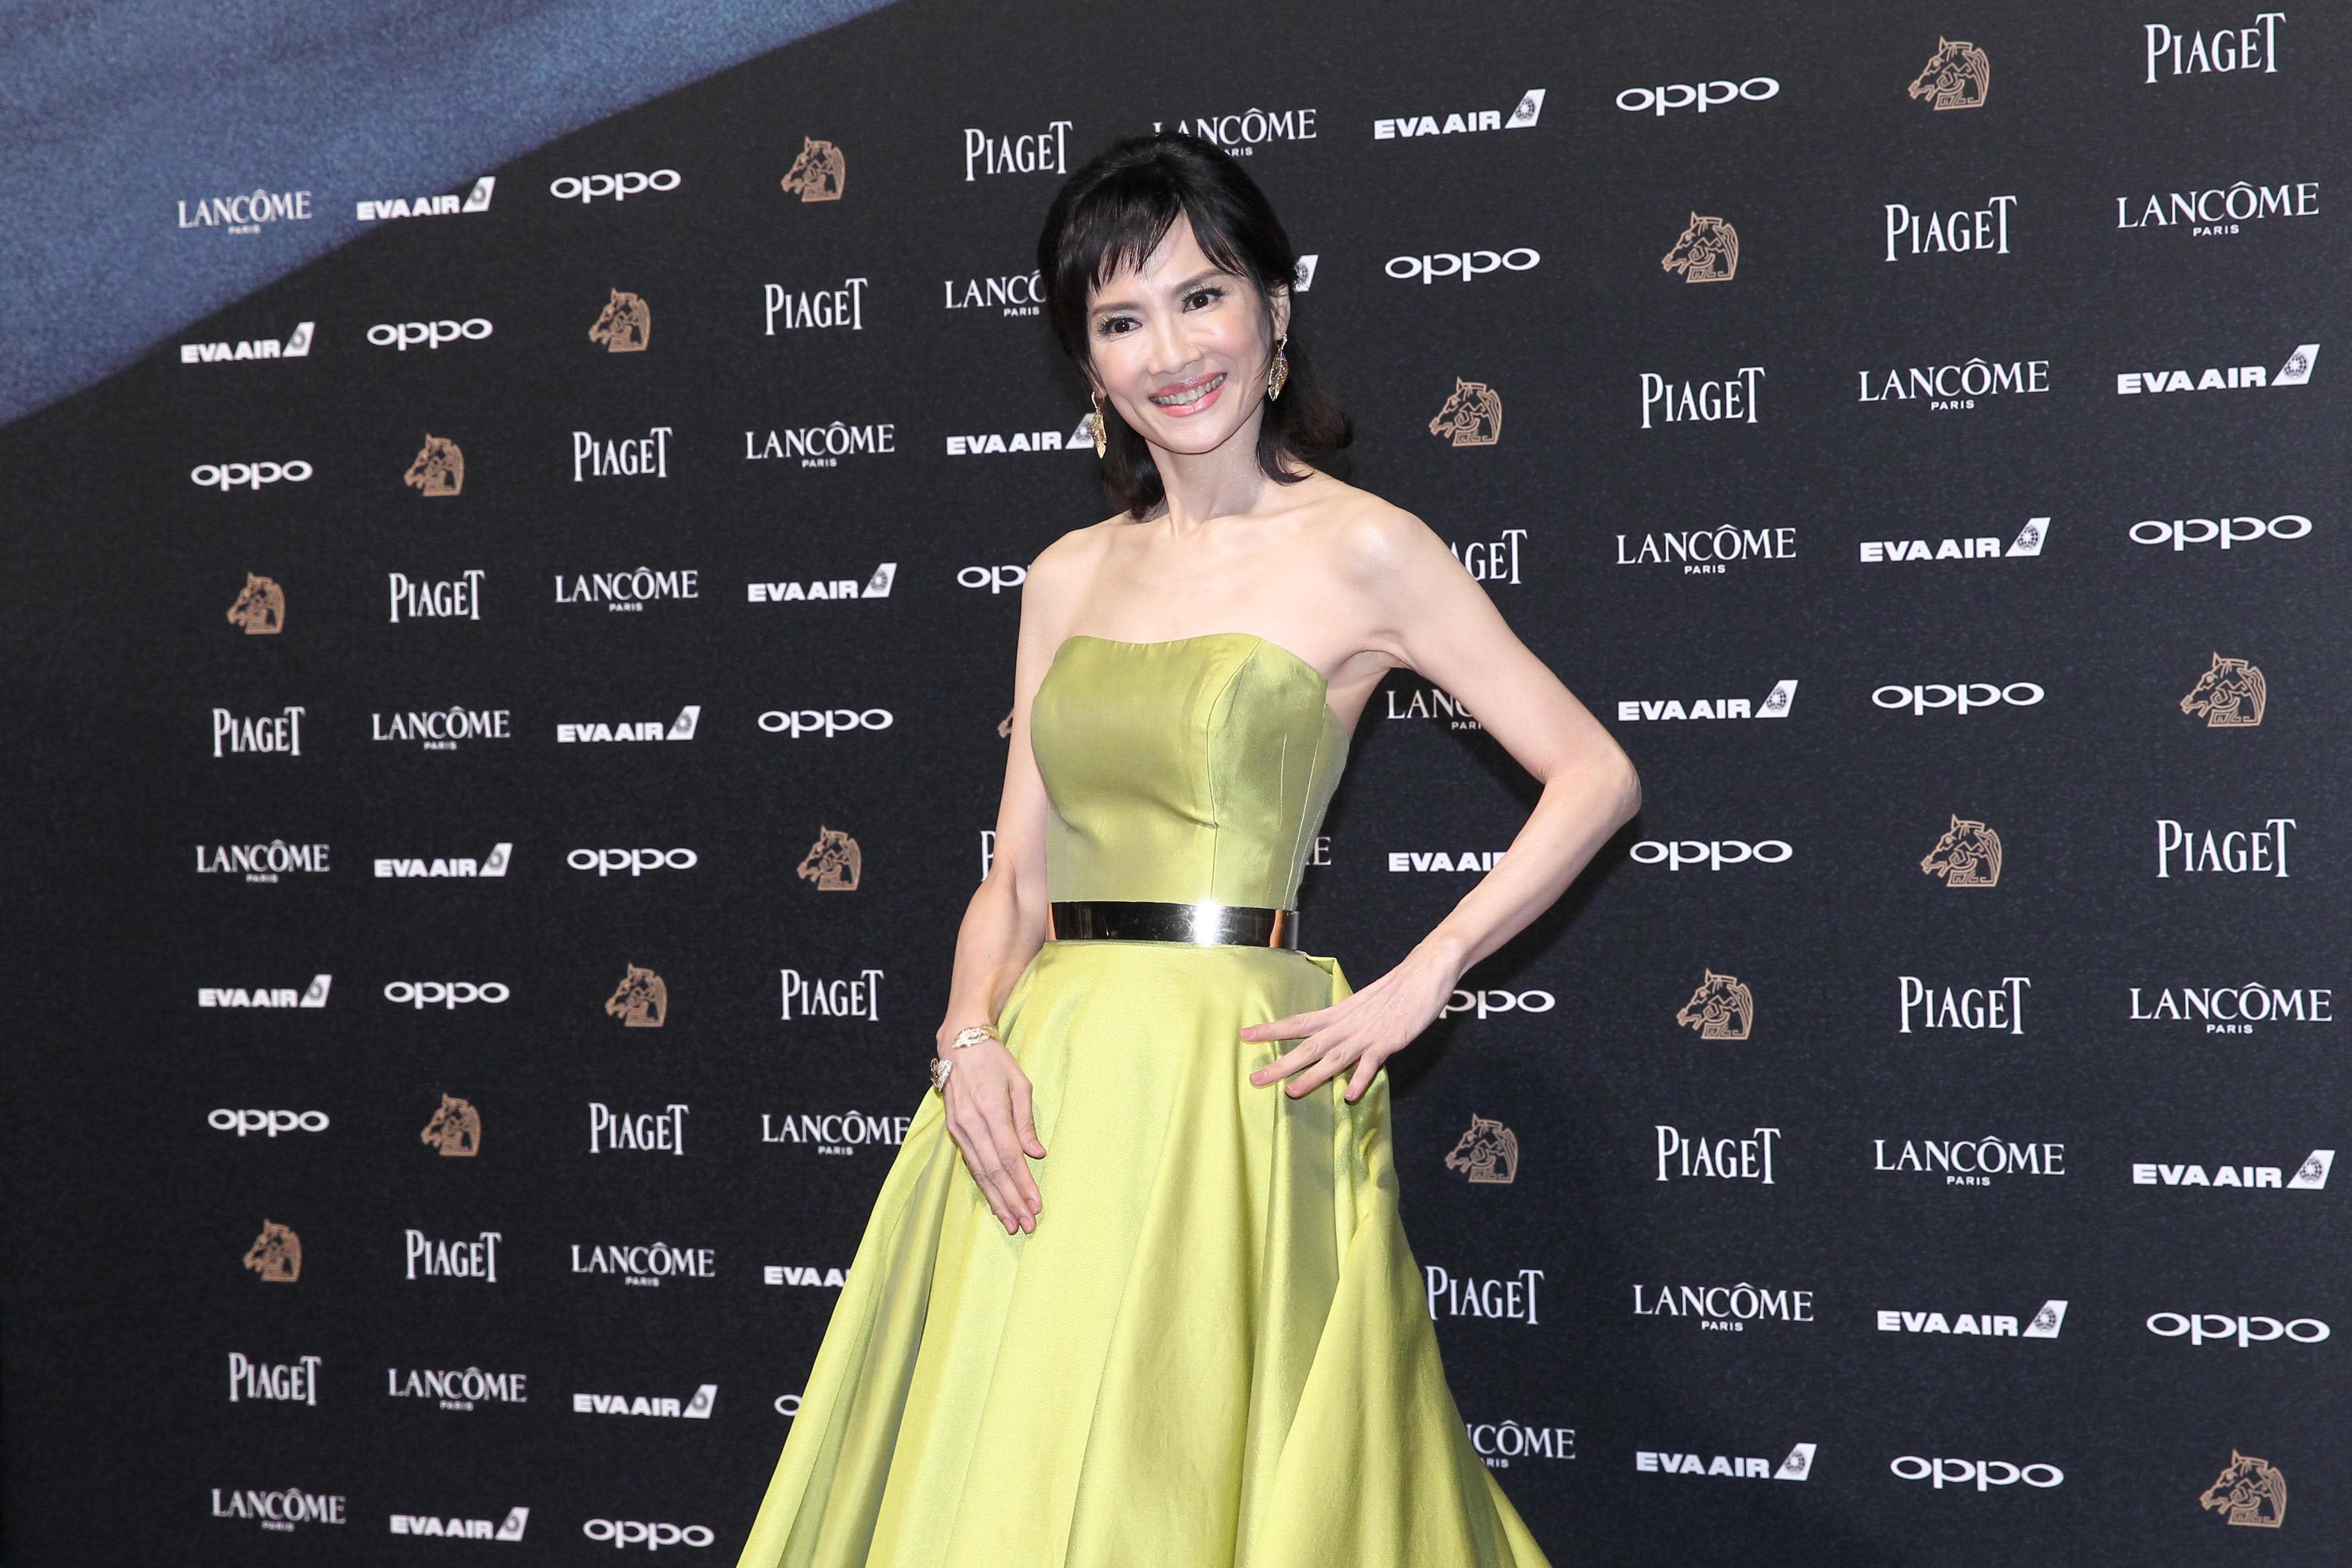 <p>第51屆金馬獎,打敗鞏俐奪影后的陳湘琪,這次又憑《接線員》入圍最佳女主角!她紅毯大膽挑選芥末黃緞面平口洋裝,搭配她纖細的身材,氣場十足!(達志影像) </p>